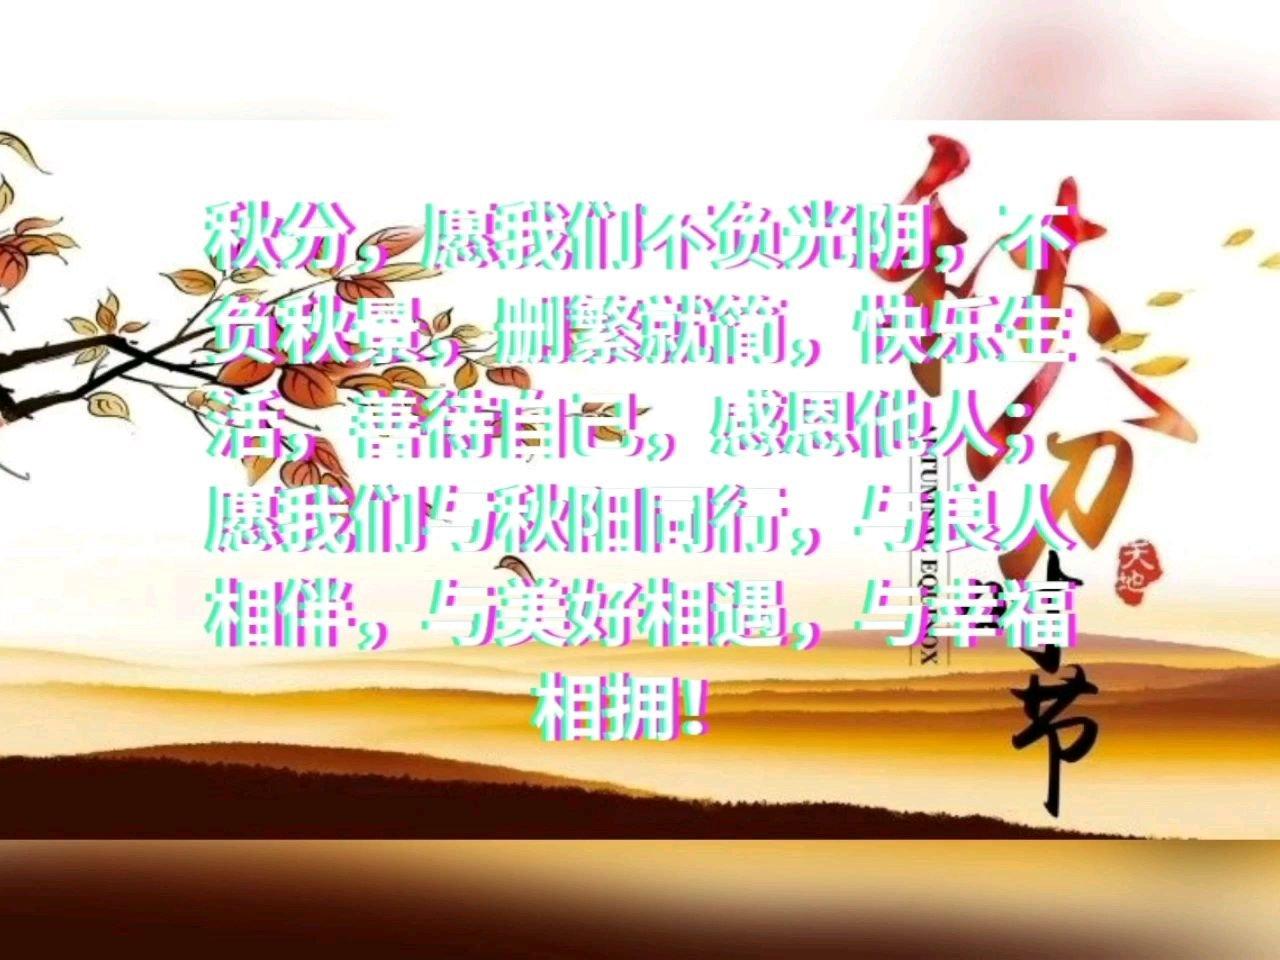 秋分,愿我们不负光阴,不负秋景,删繁就简,快乐生活,善待自己,感恩他人;愿我们与秋阳同行,与良人相伴,与美好相遇,与幸福相拥!